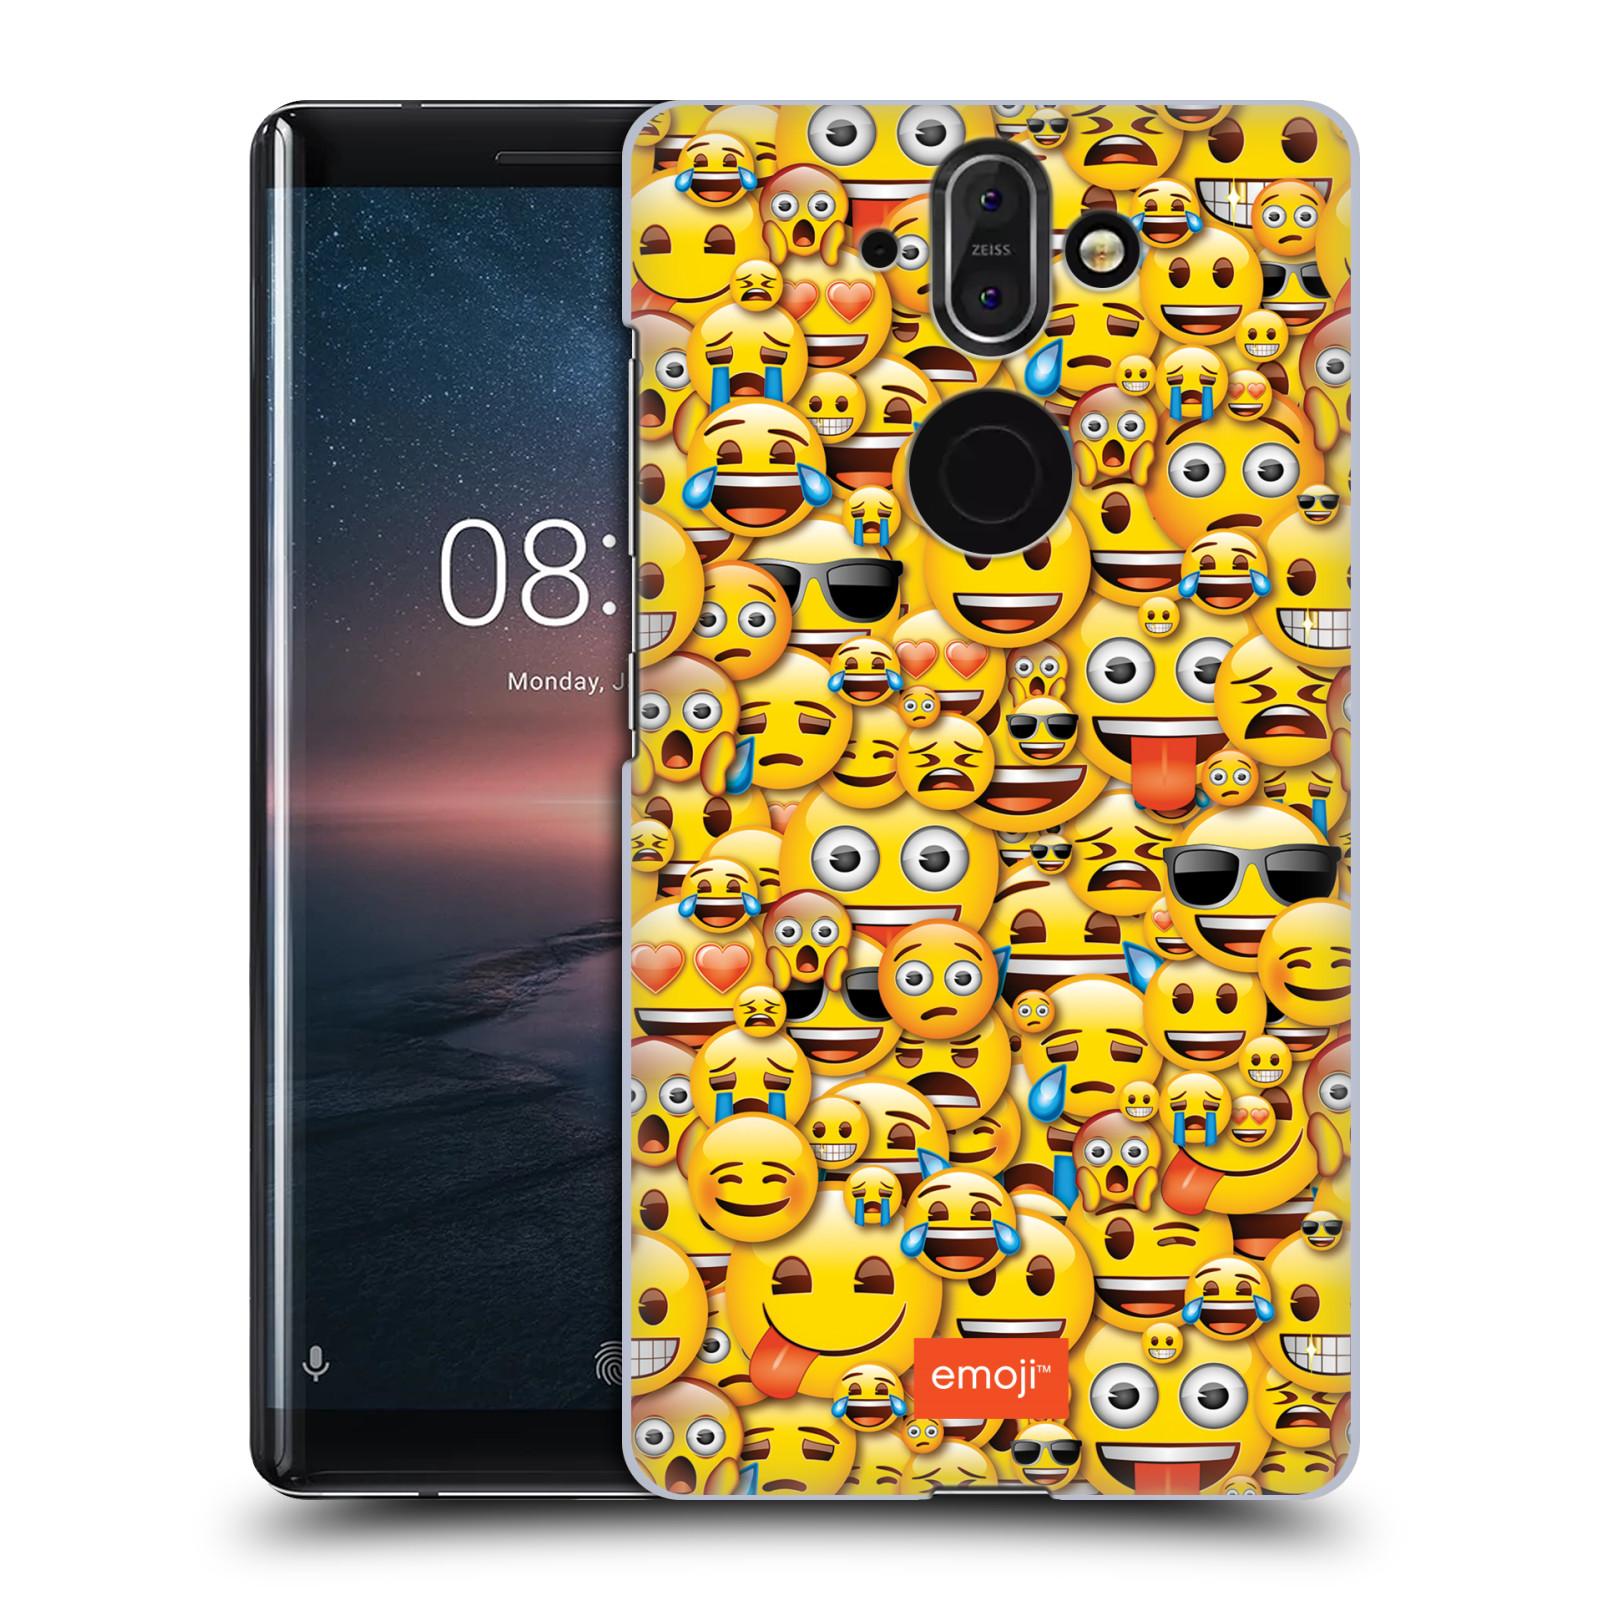 Plastové pouzdro na mobil Nokia 8 Sirocco - Head Case - EMOJI - Mnoho malých smajlíků